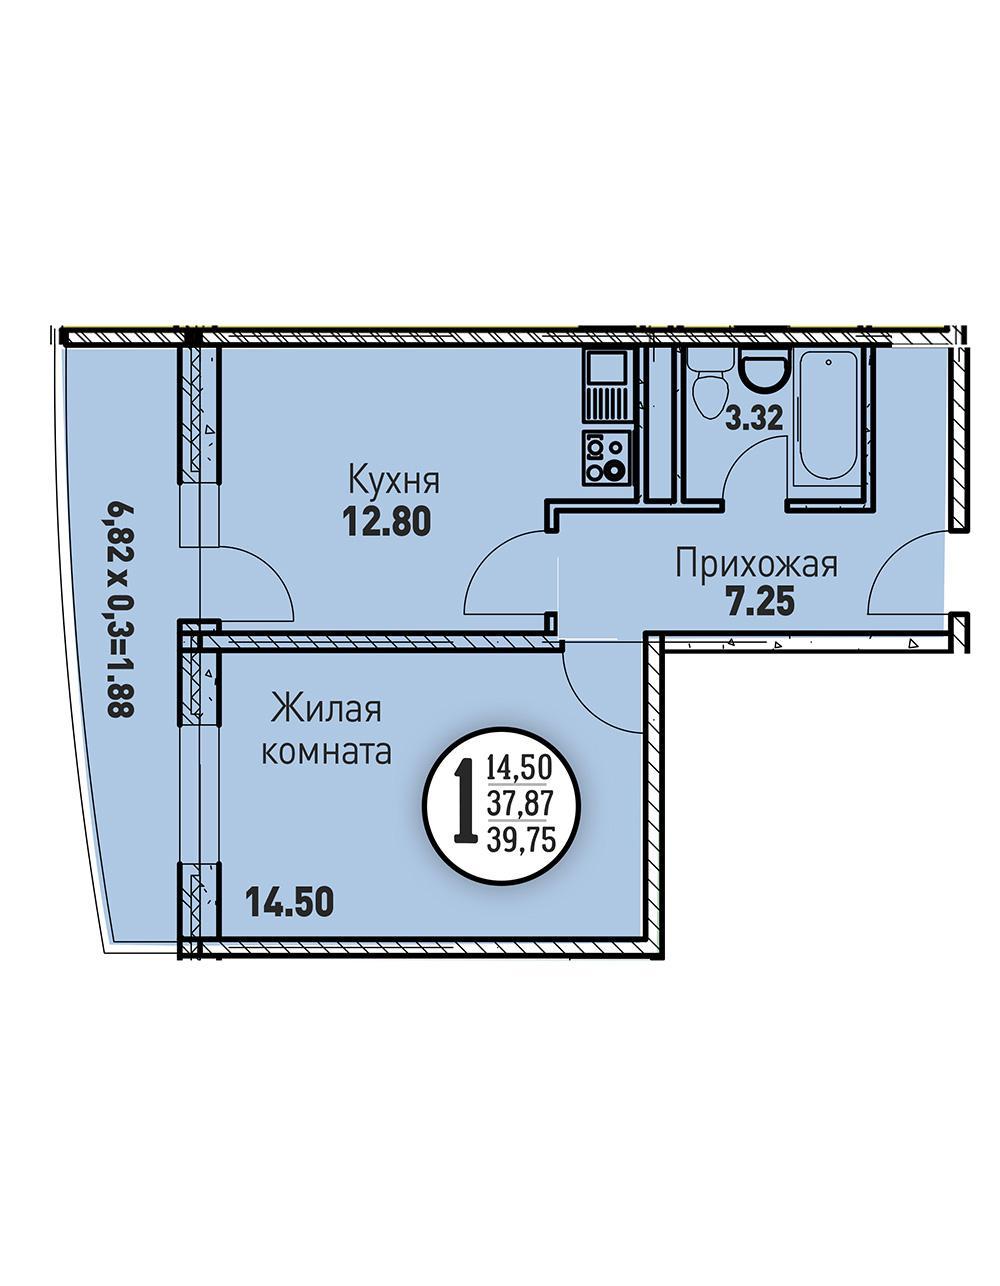 ЖК «Цветы» Квартира 39,75 (Ипотечные каникулы)